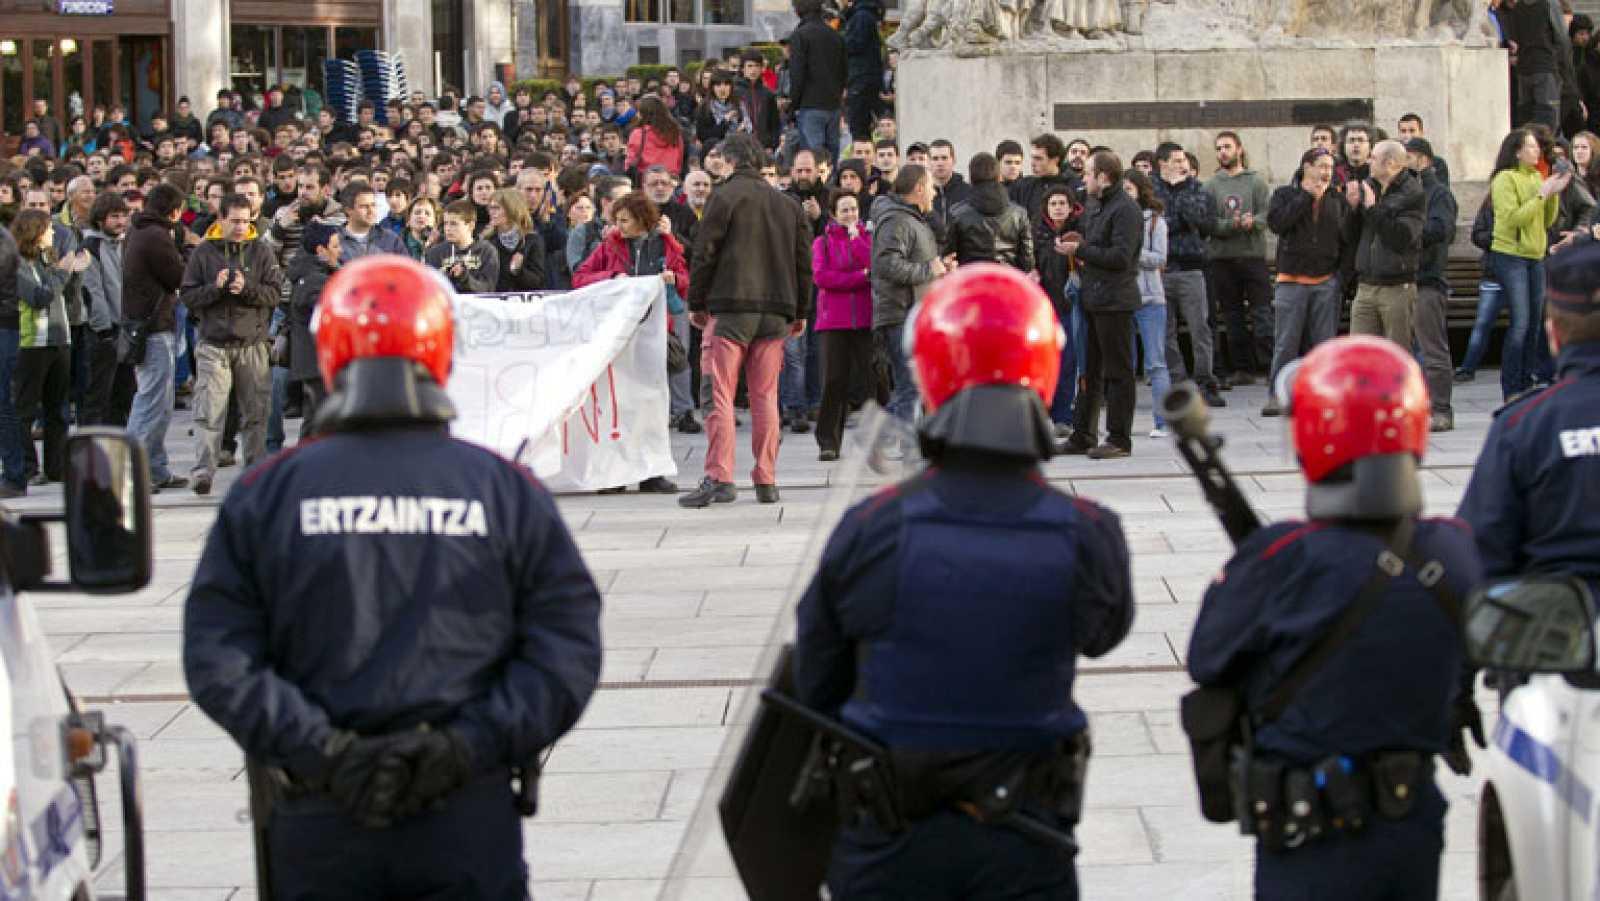 La comisión europea aconsejó en 2011 a España que prescindiera del uso de pelotas de goma